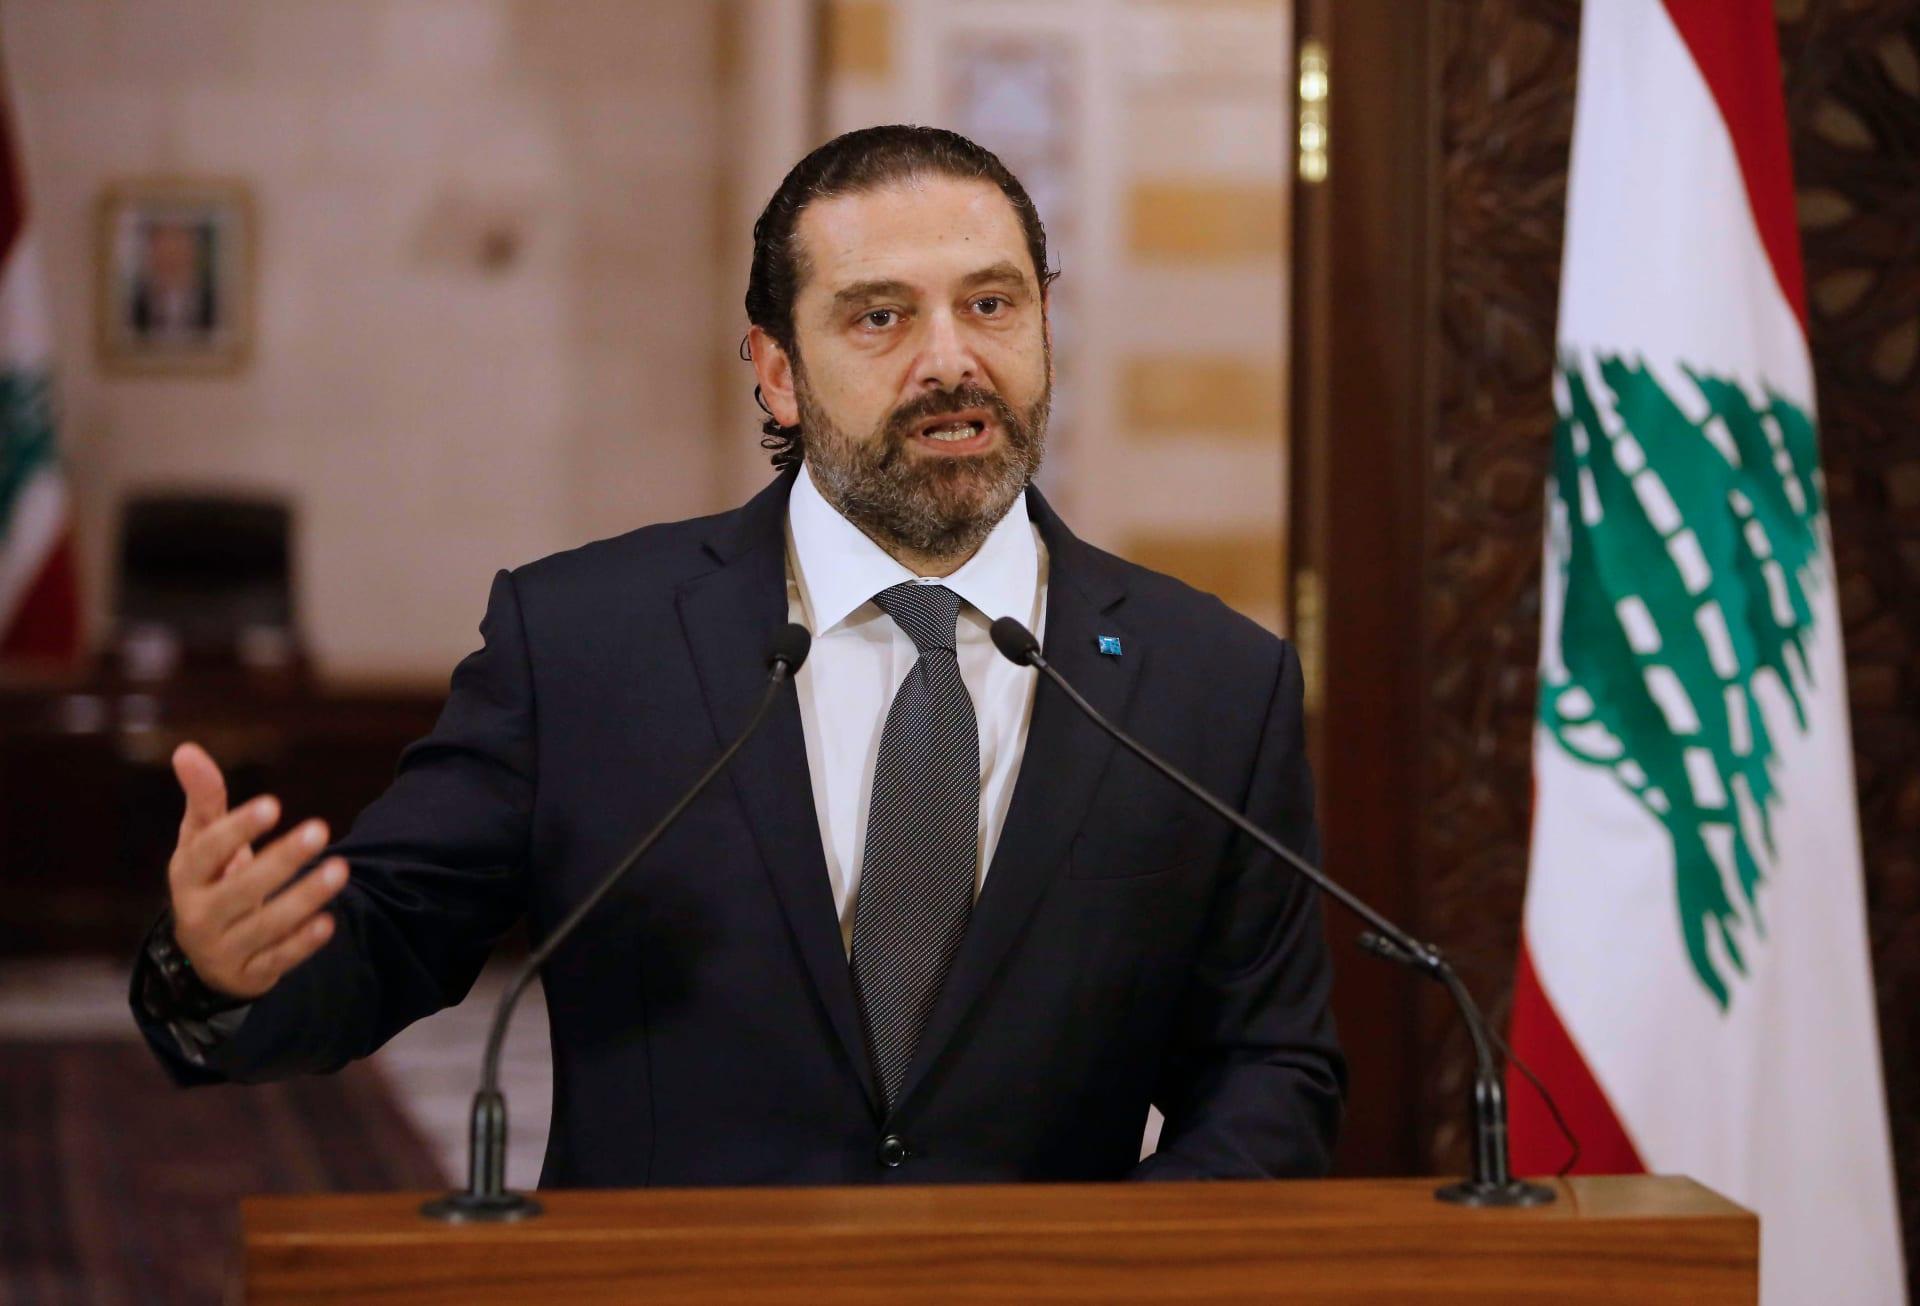 الحريري ينفي صحة تصريحات منسوبة إليه بشأن مساعدات مصر للبنان